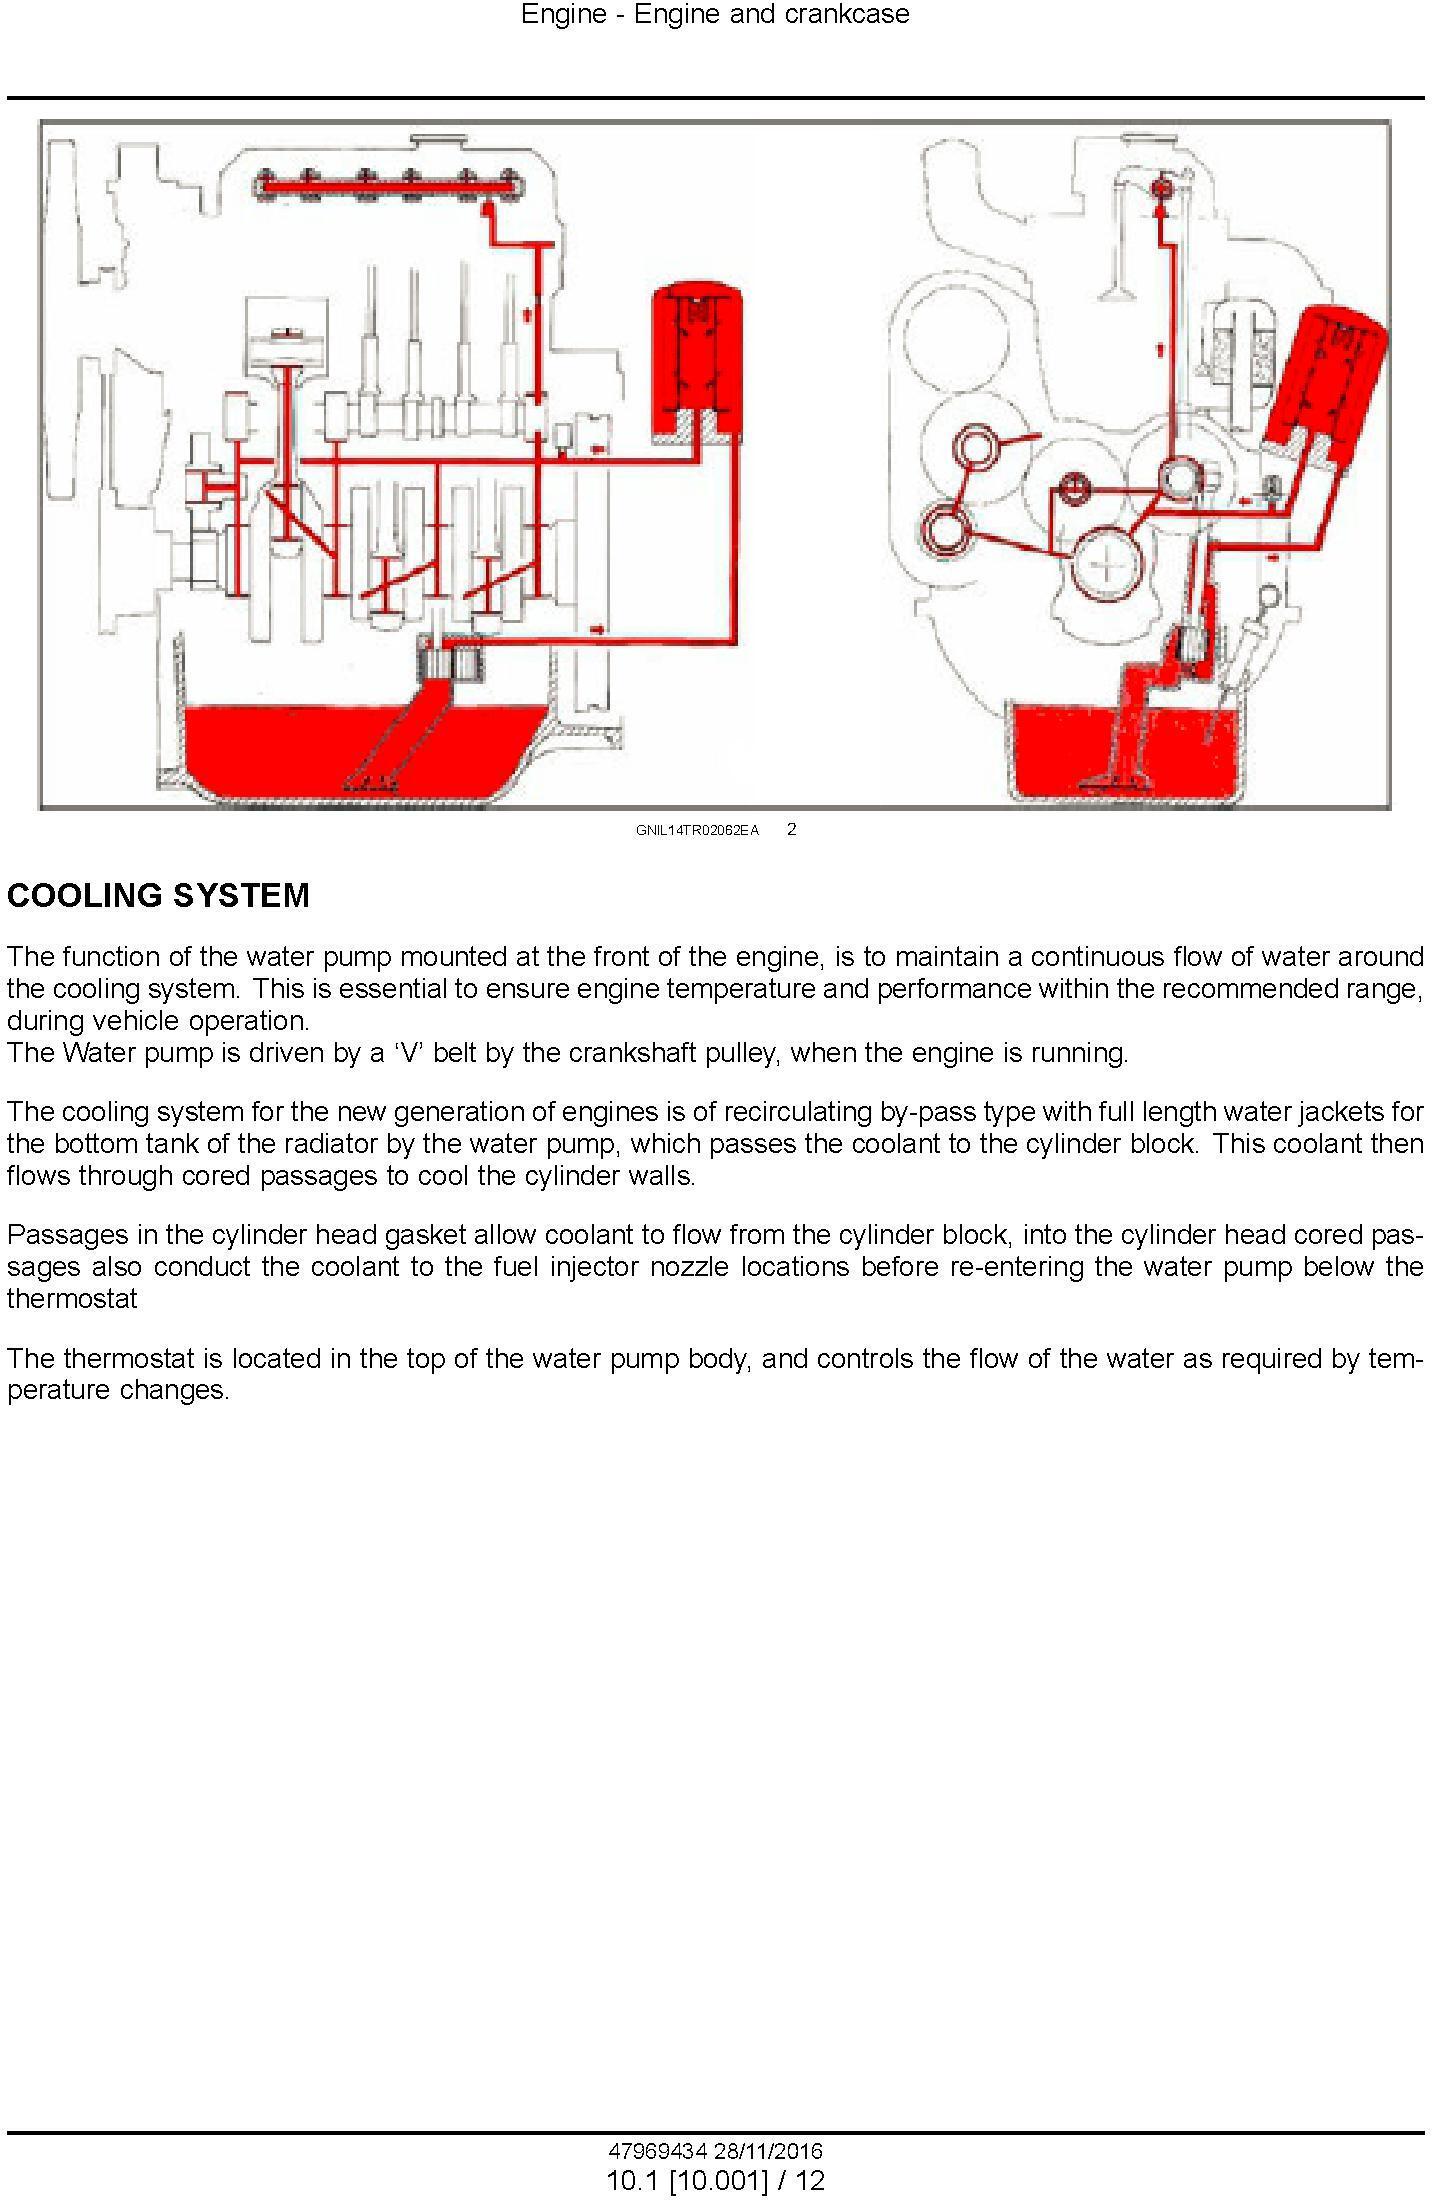 New Holland TT4.55, TT4.65, TT4.75 Tier 3 Tractor Service Manual - 1